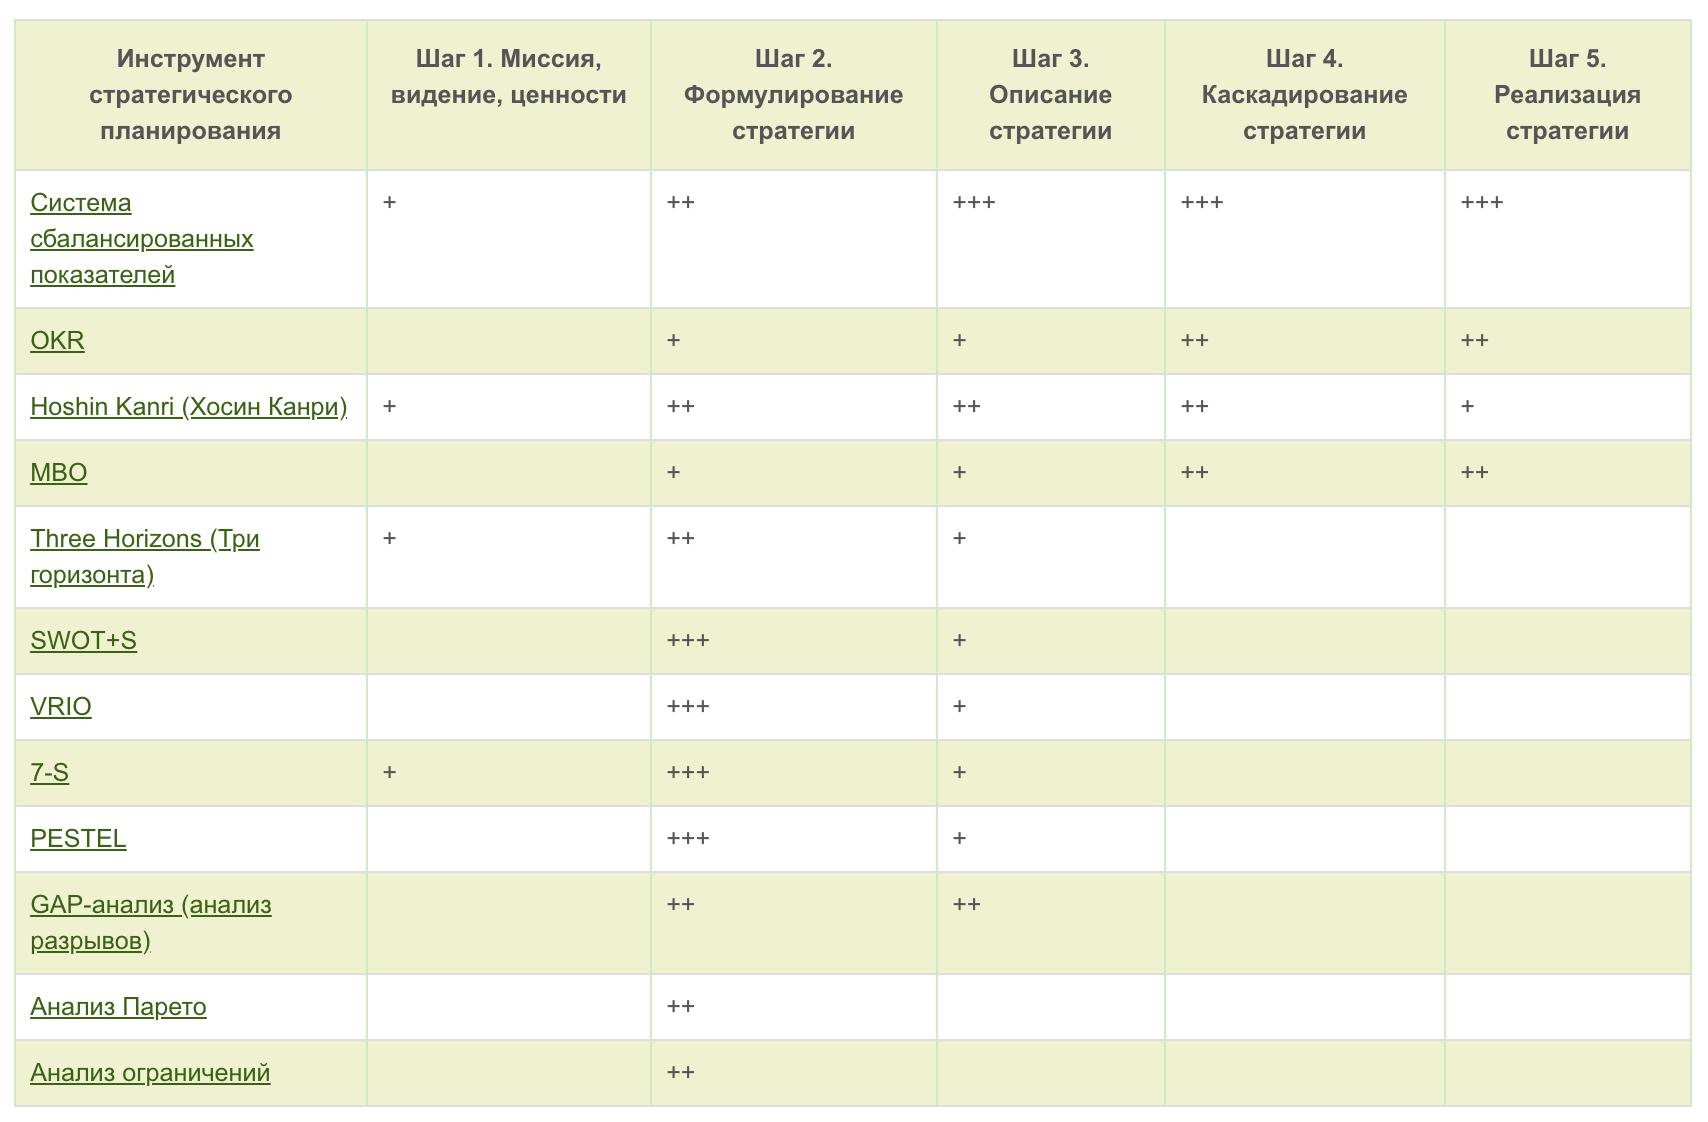 Сравнительная таблица методов стратегического планирования